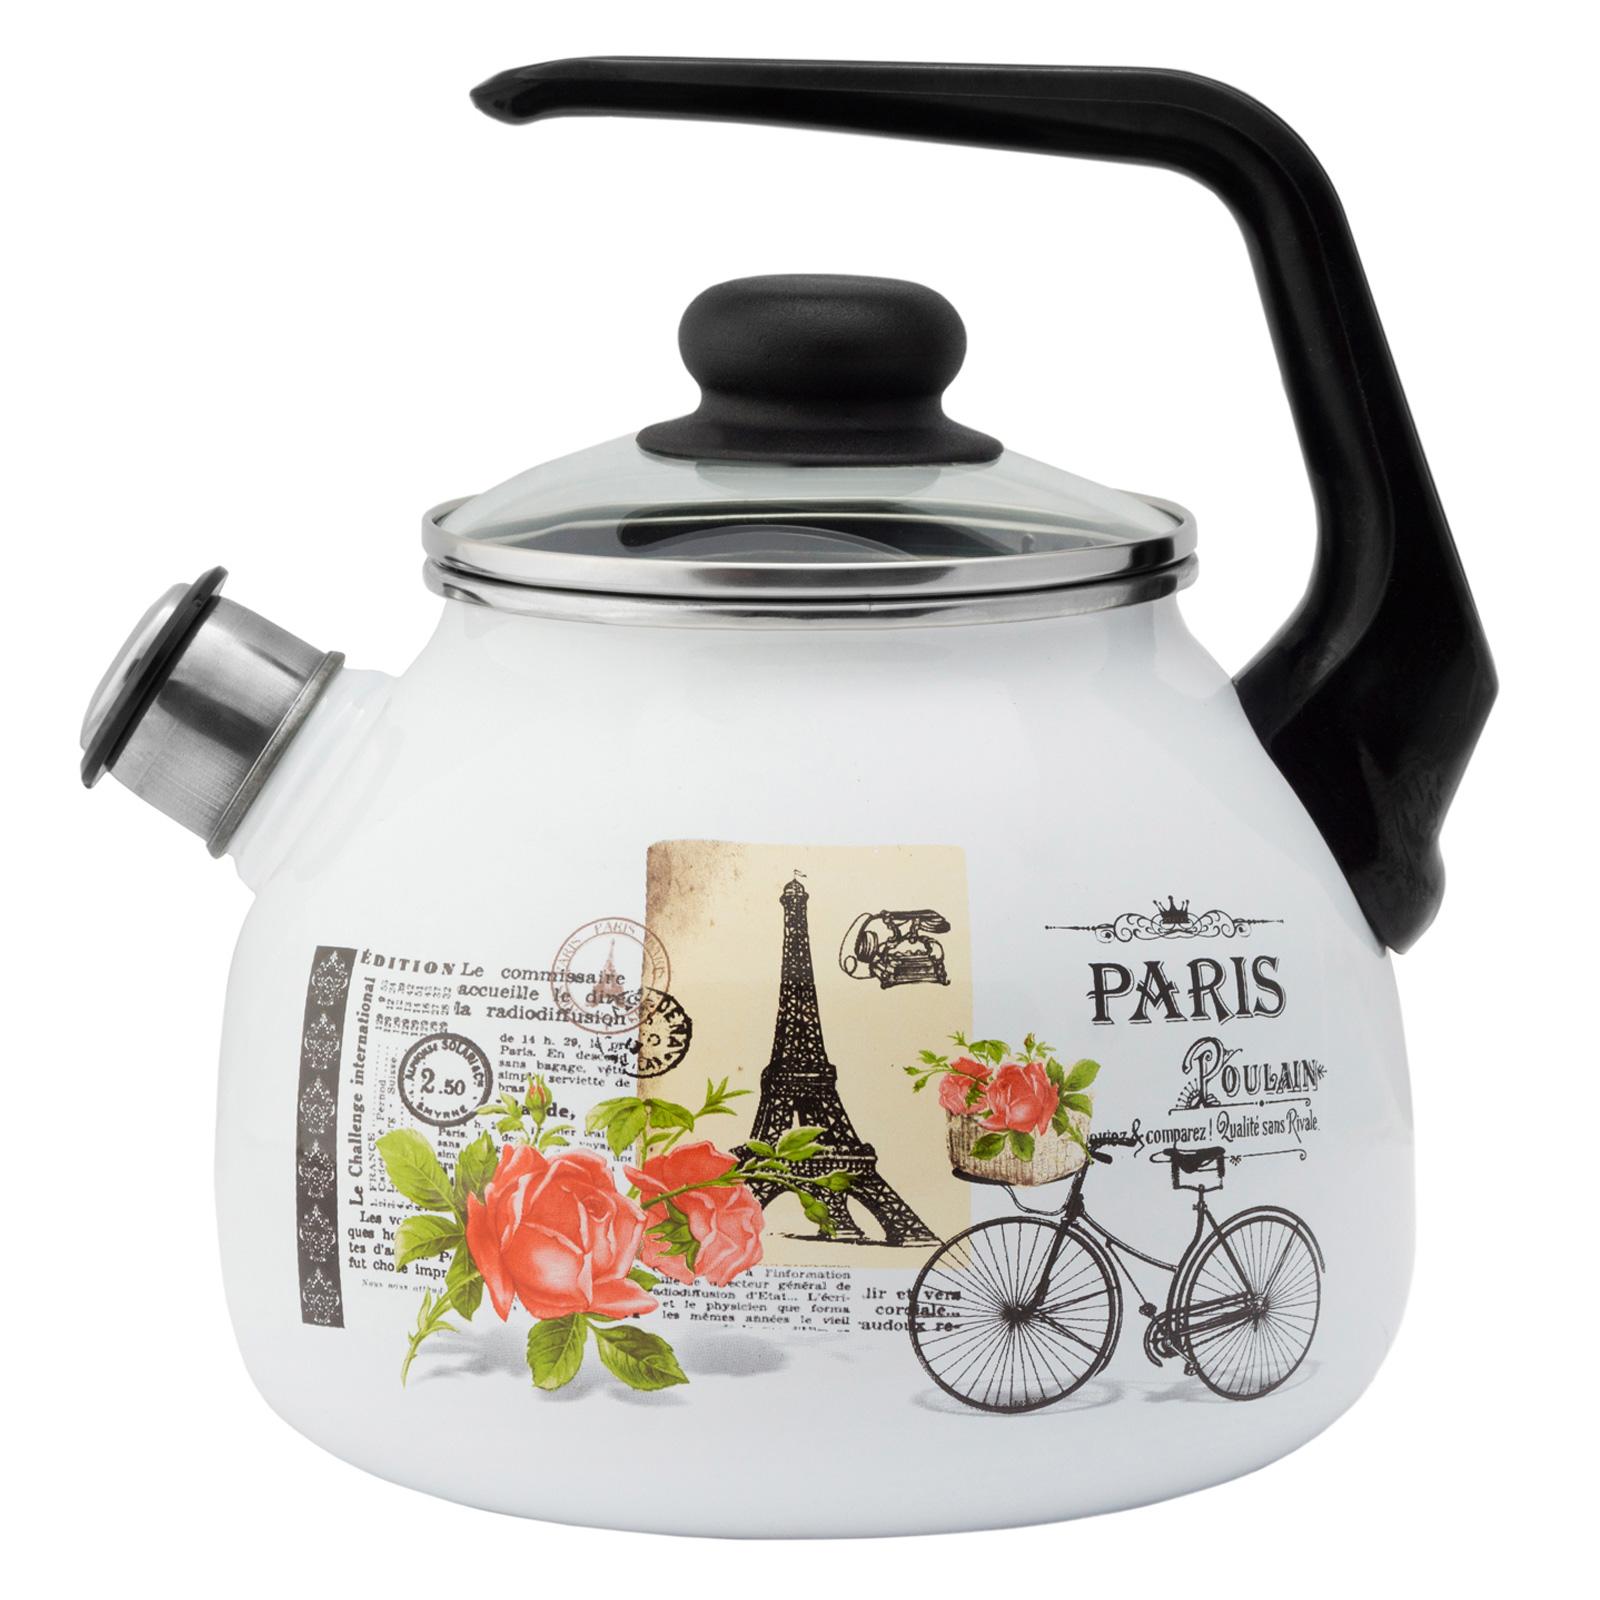 Чайник со свистком 4с209я Париж 3 л Appetite